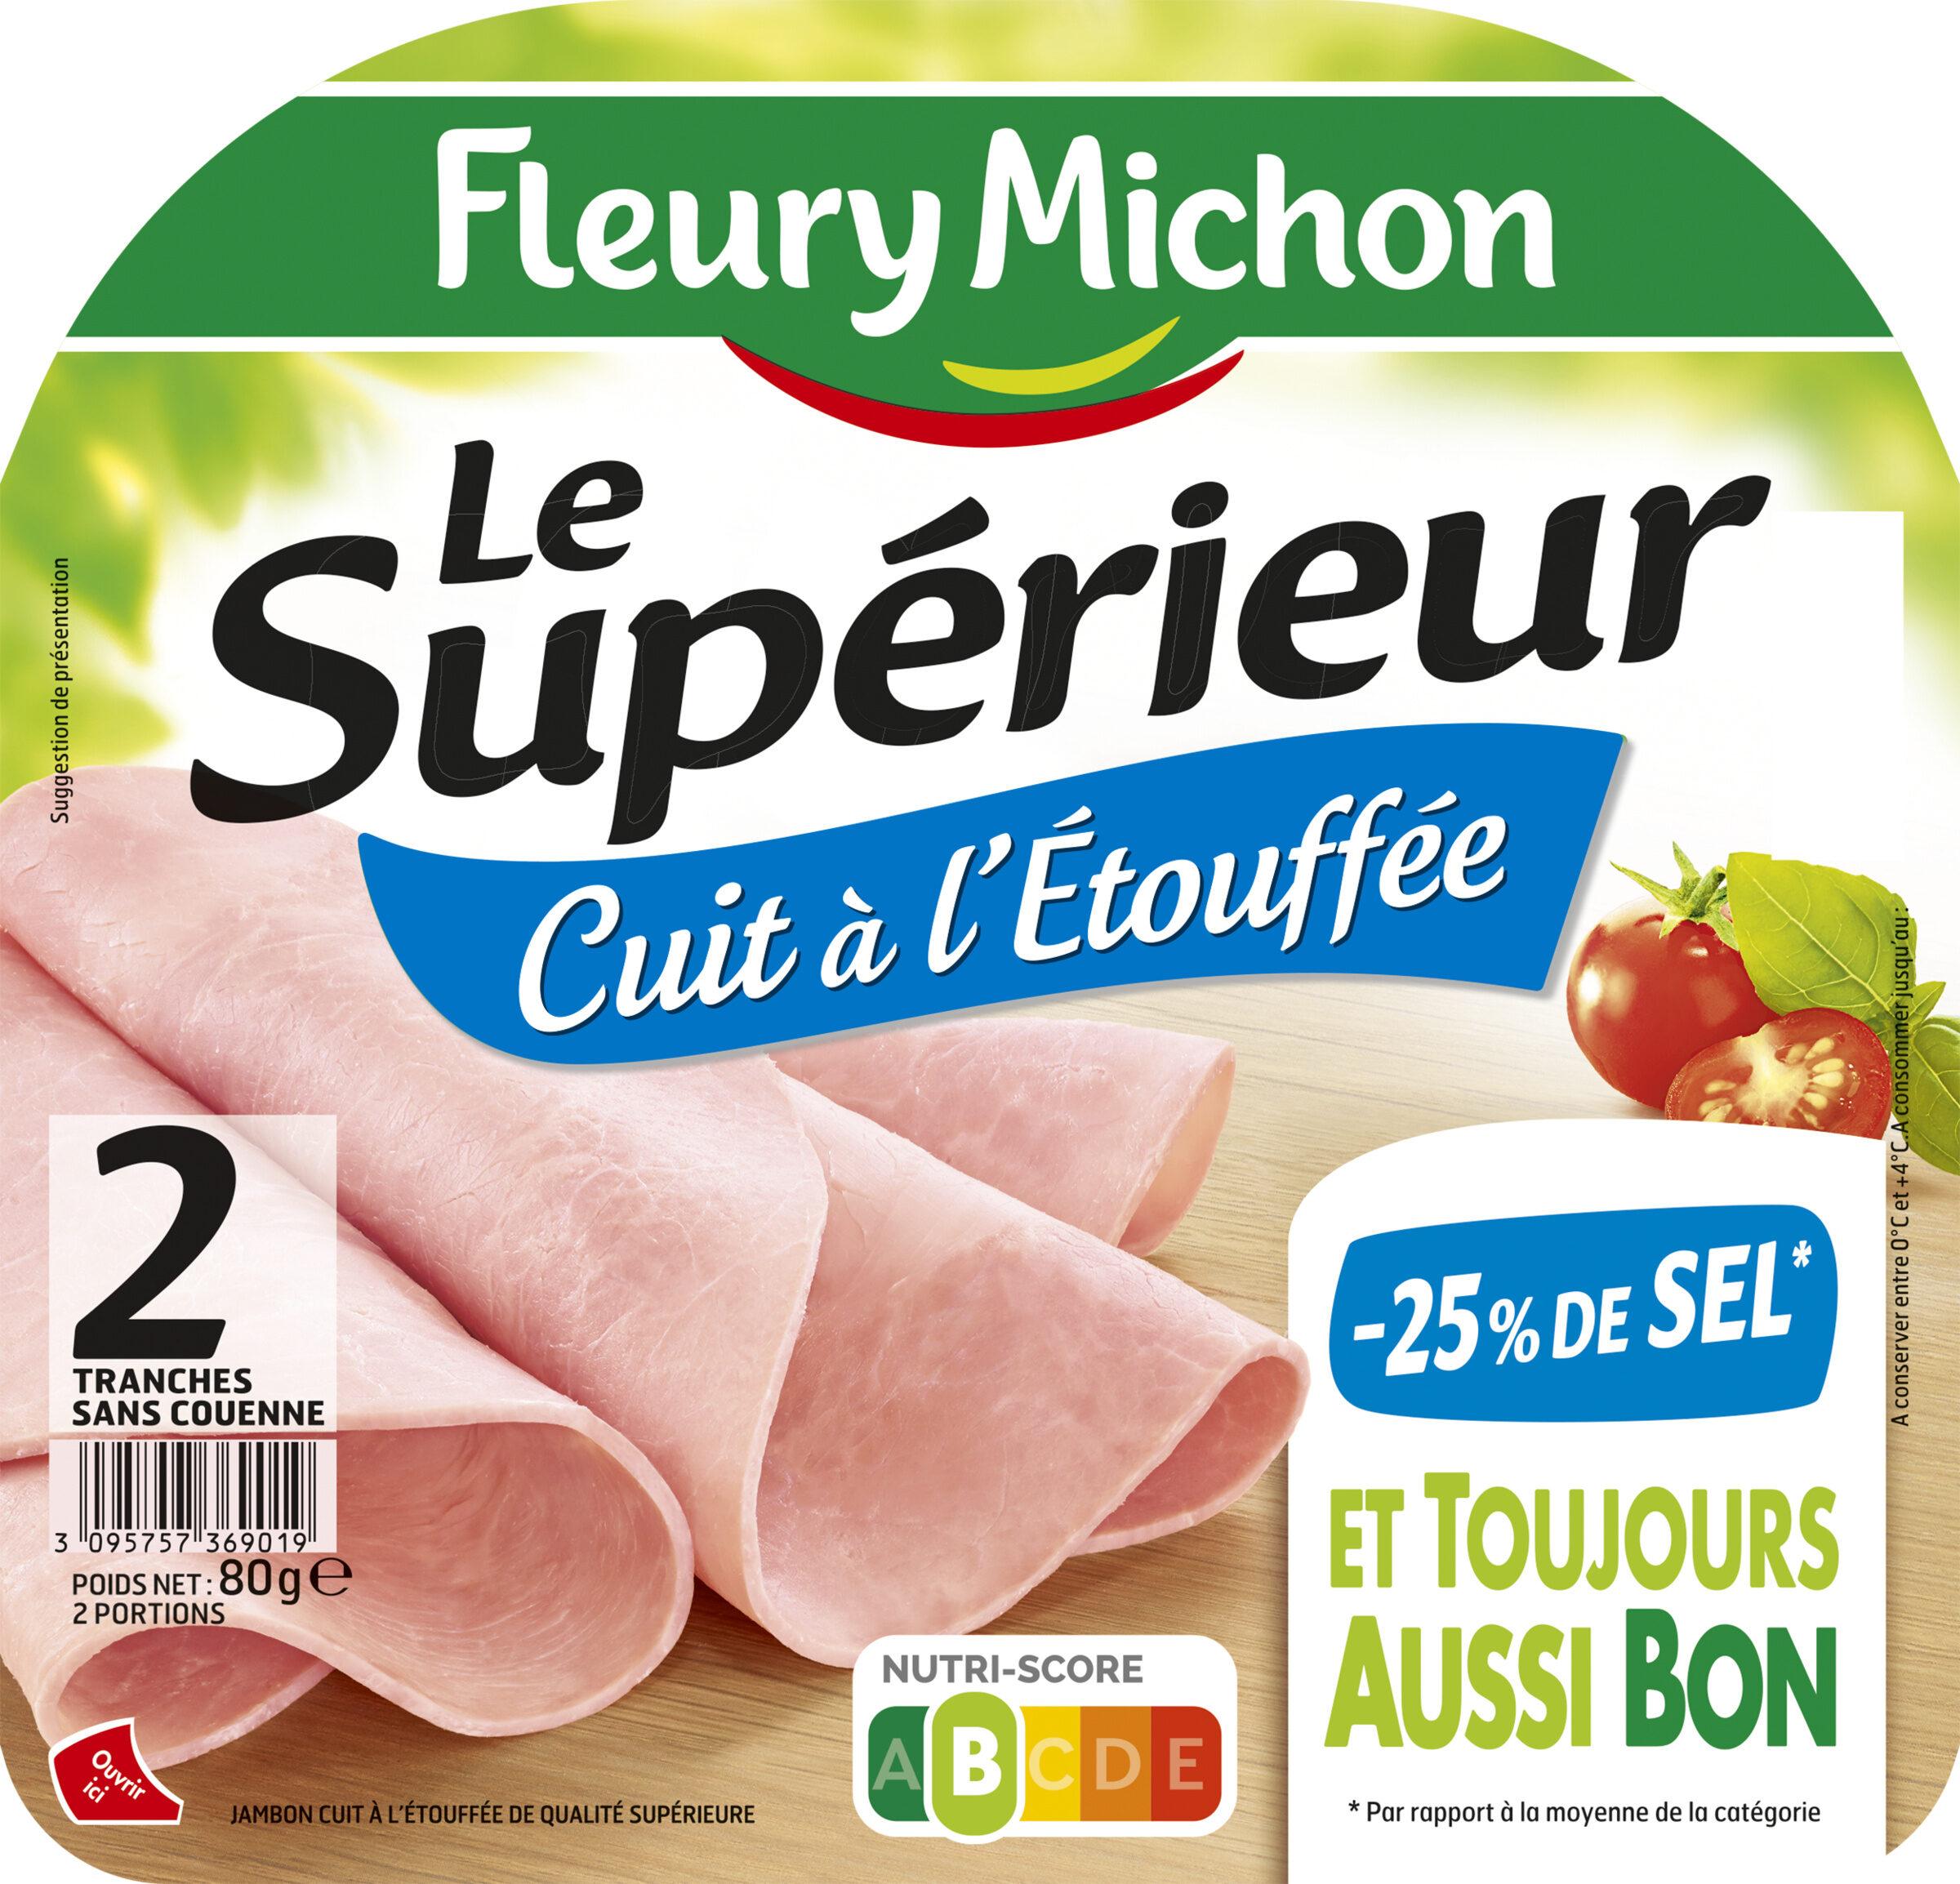 Le supérieur cuit à l'étouffée - 25% de sel* - 2 tranches - Produit - fr